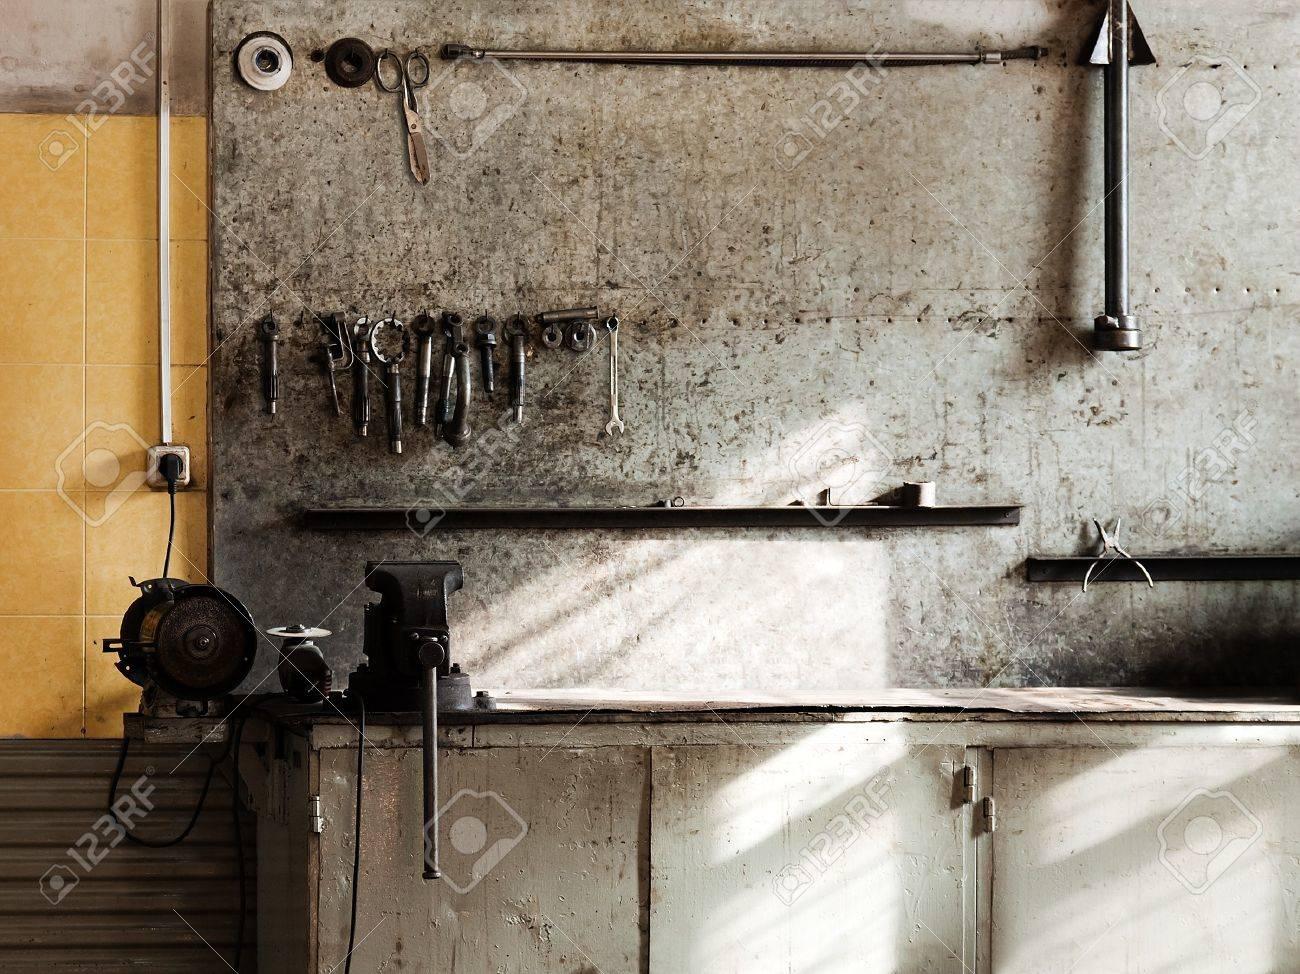 Hand work repair equipment tool workshop workbench Stock Photo - 7817402